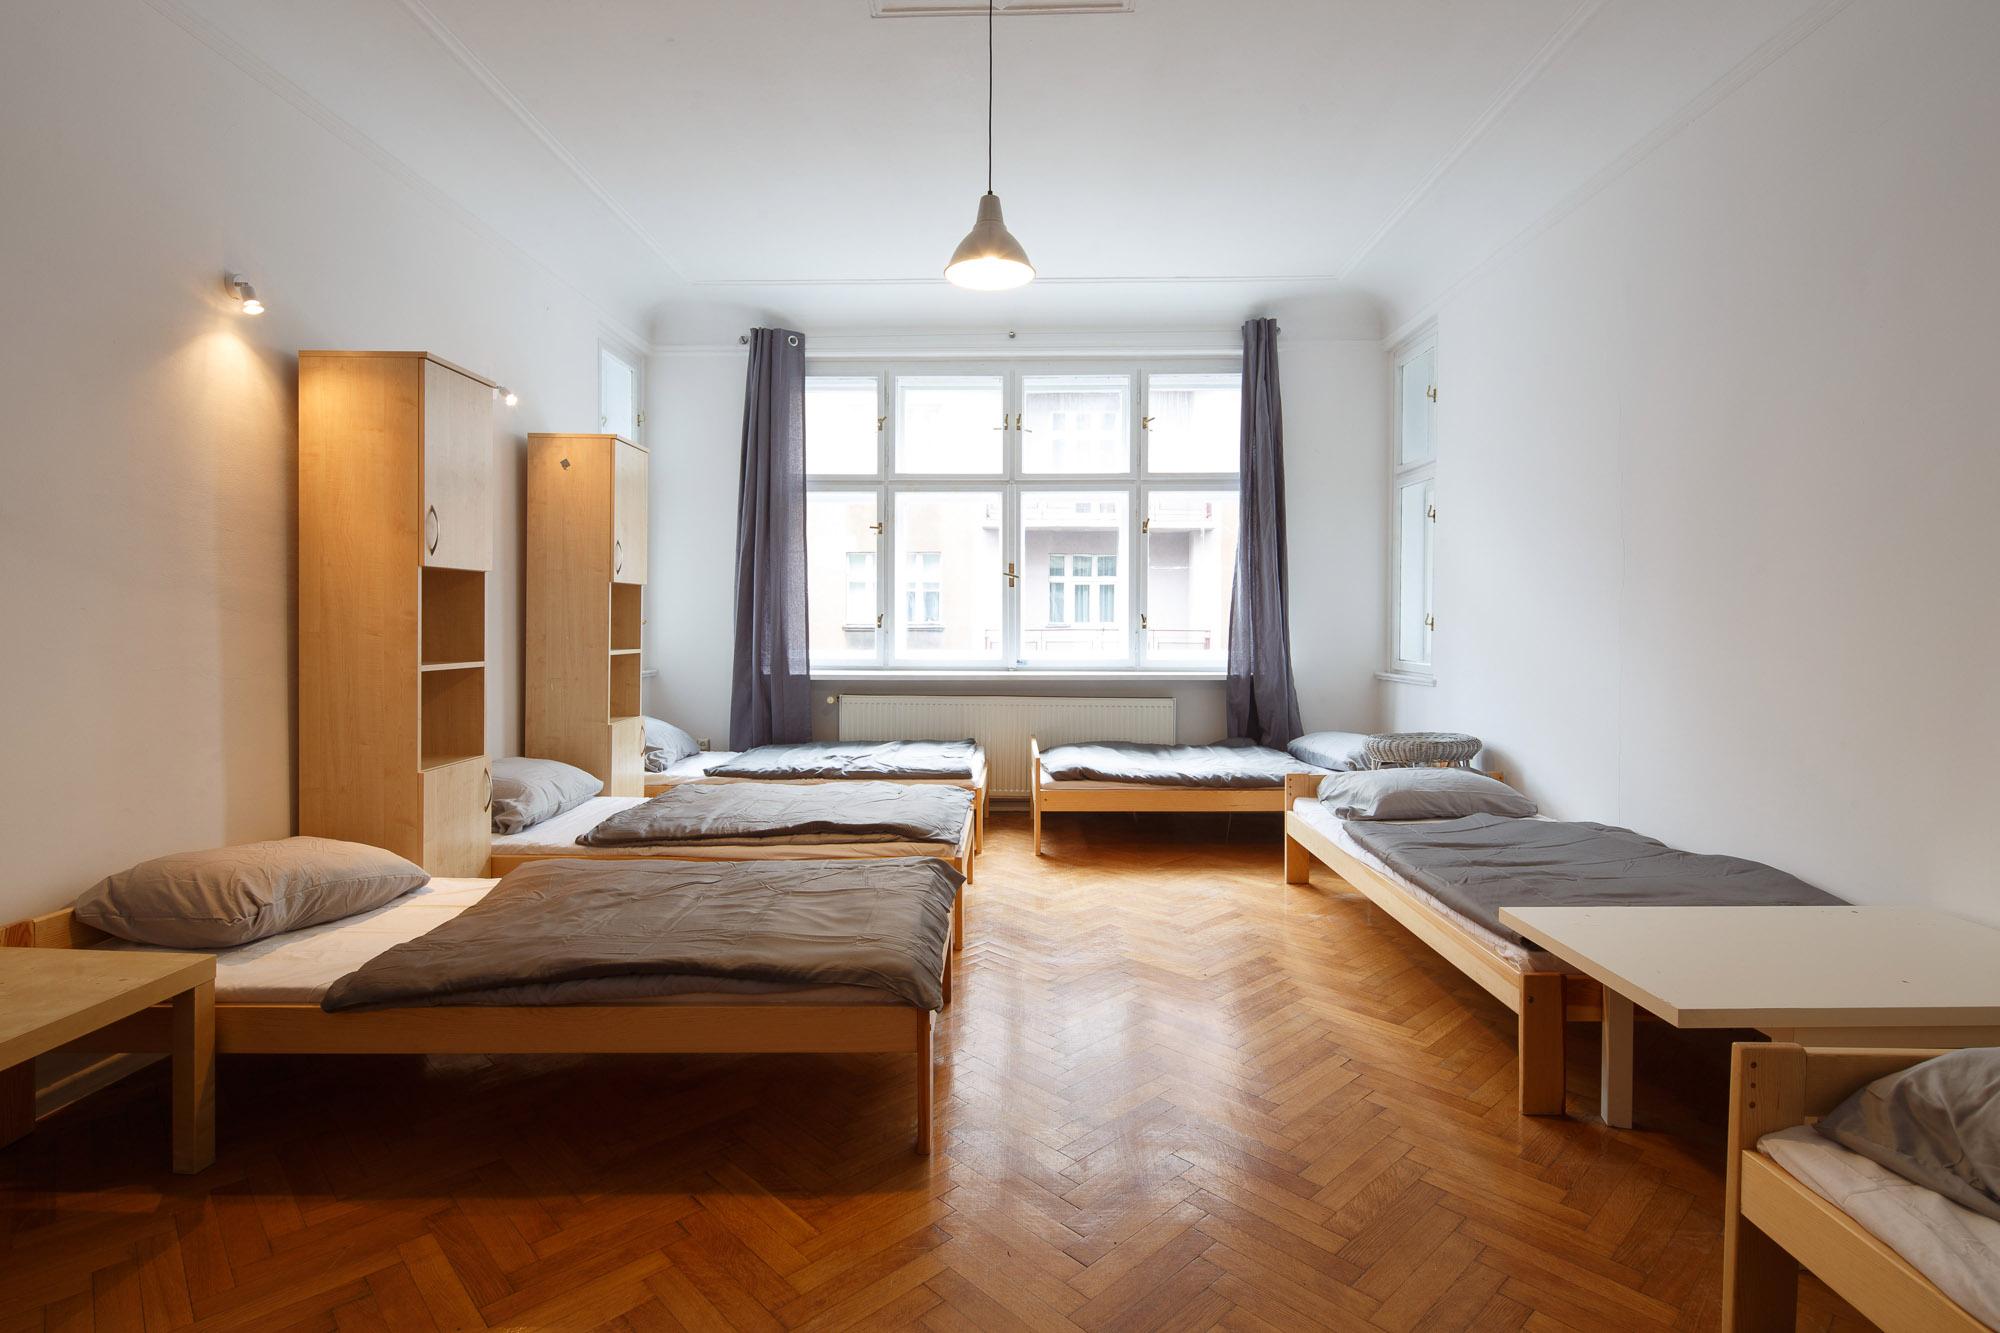 Mieszkanie do wynajęcia na Śląsku